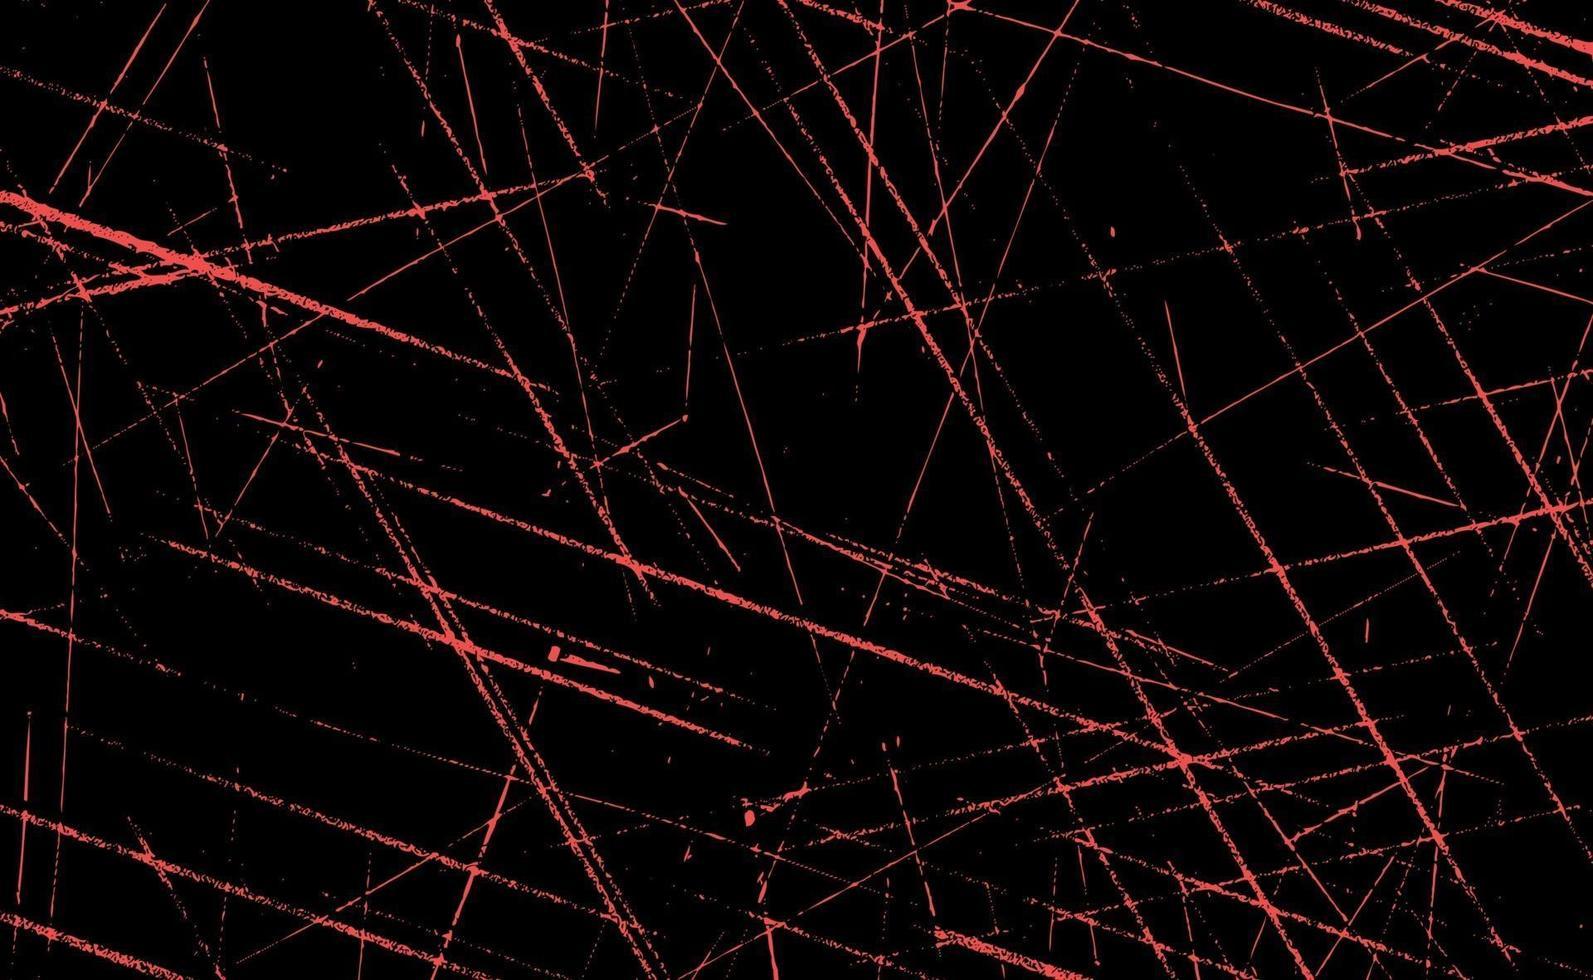 grunge linhas vermelhas e pontos em um fundo vermelho - ilustração vetorial vetor